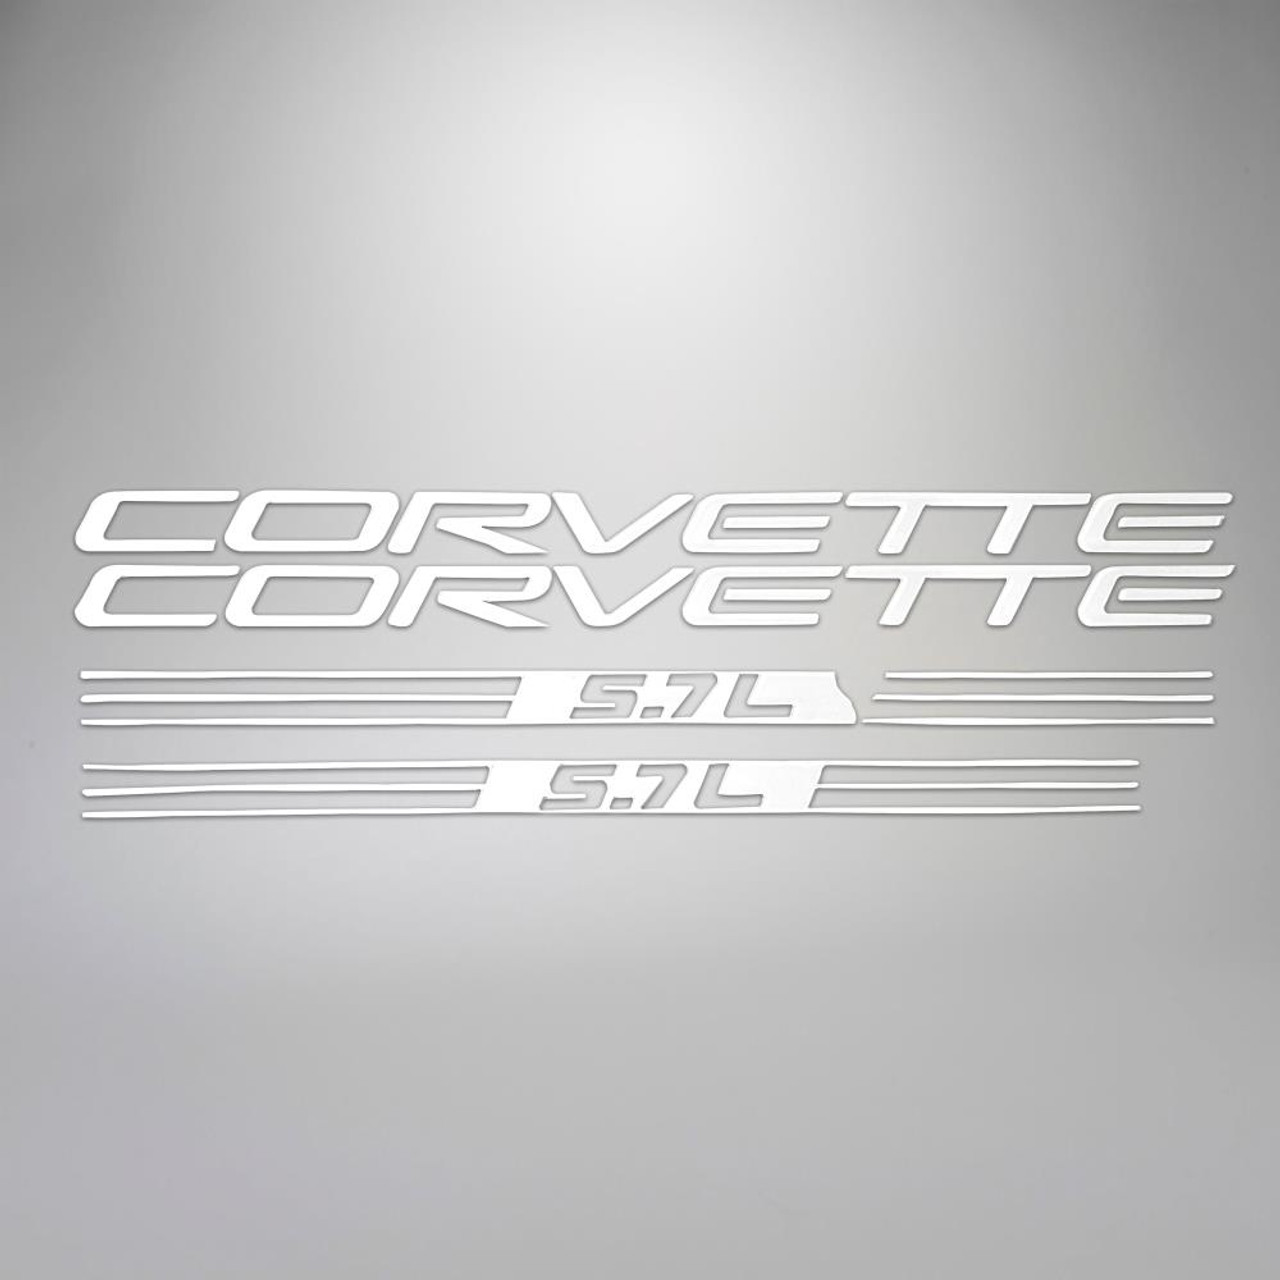 C5 97-98 Corvette 5.7L Fuel Rail Letter Kit - White